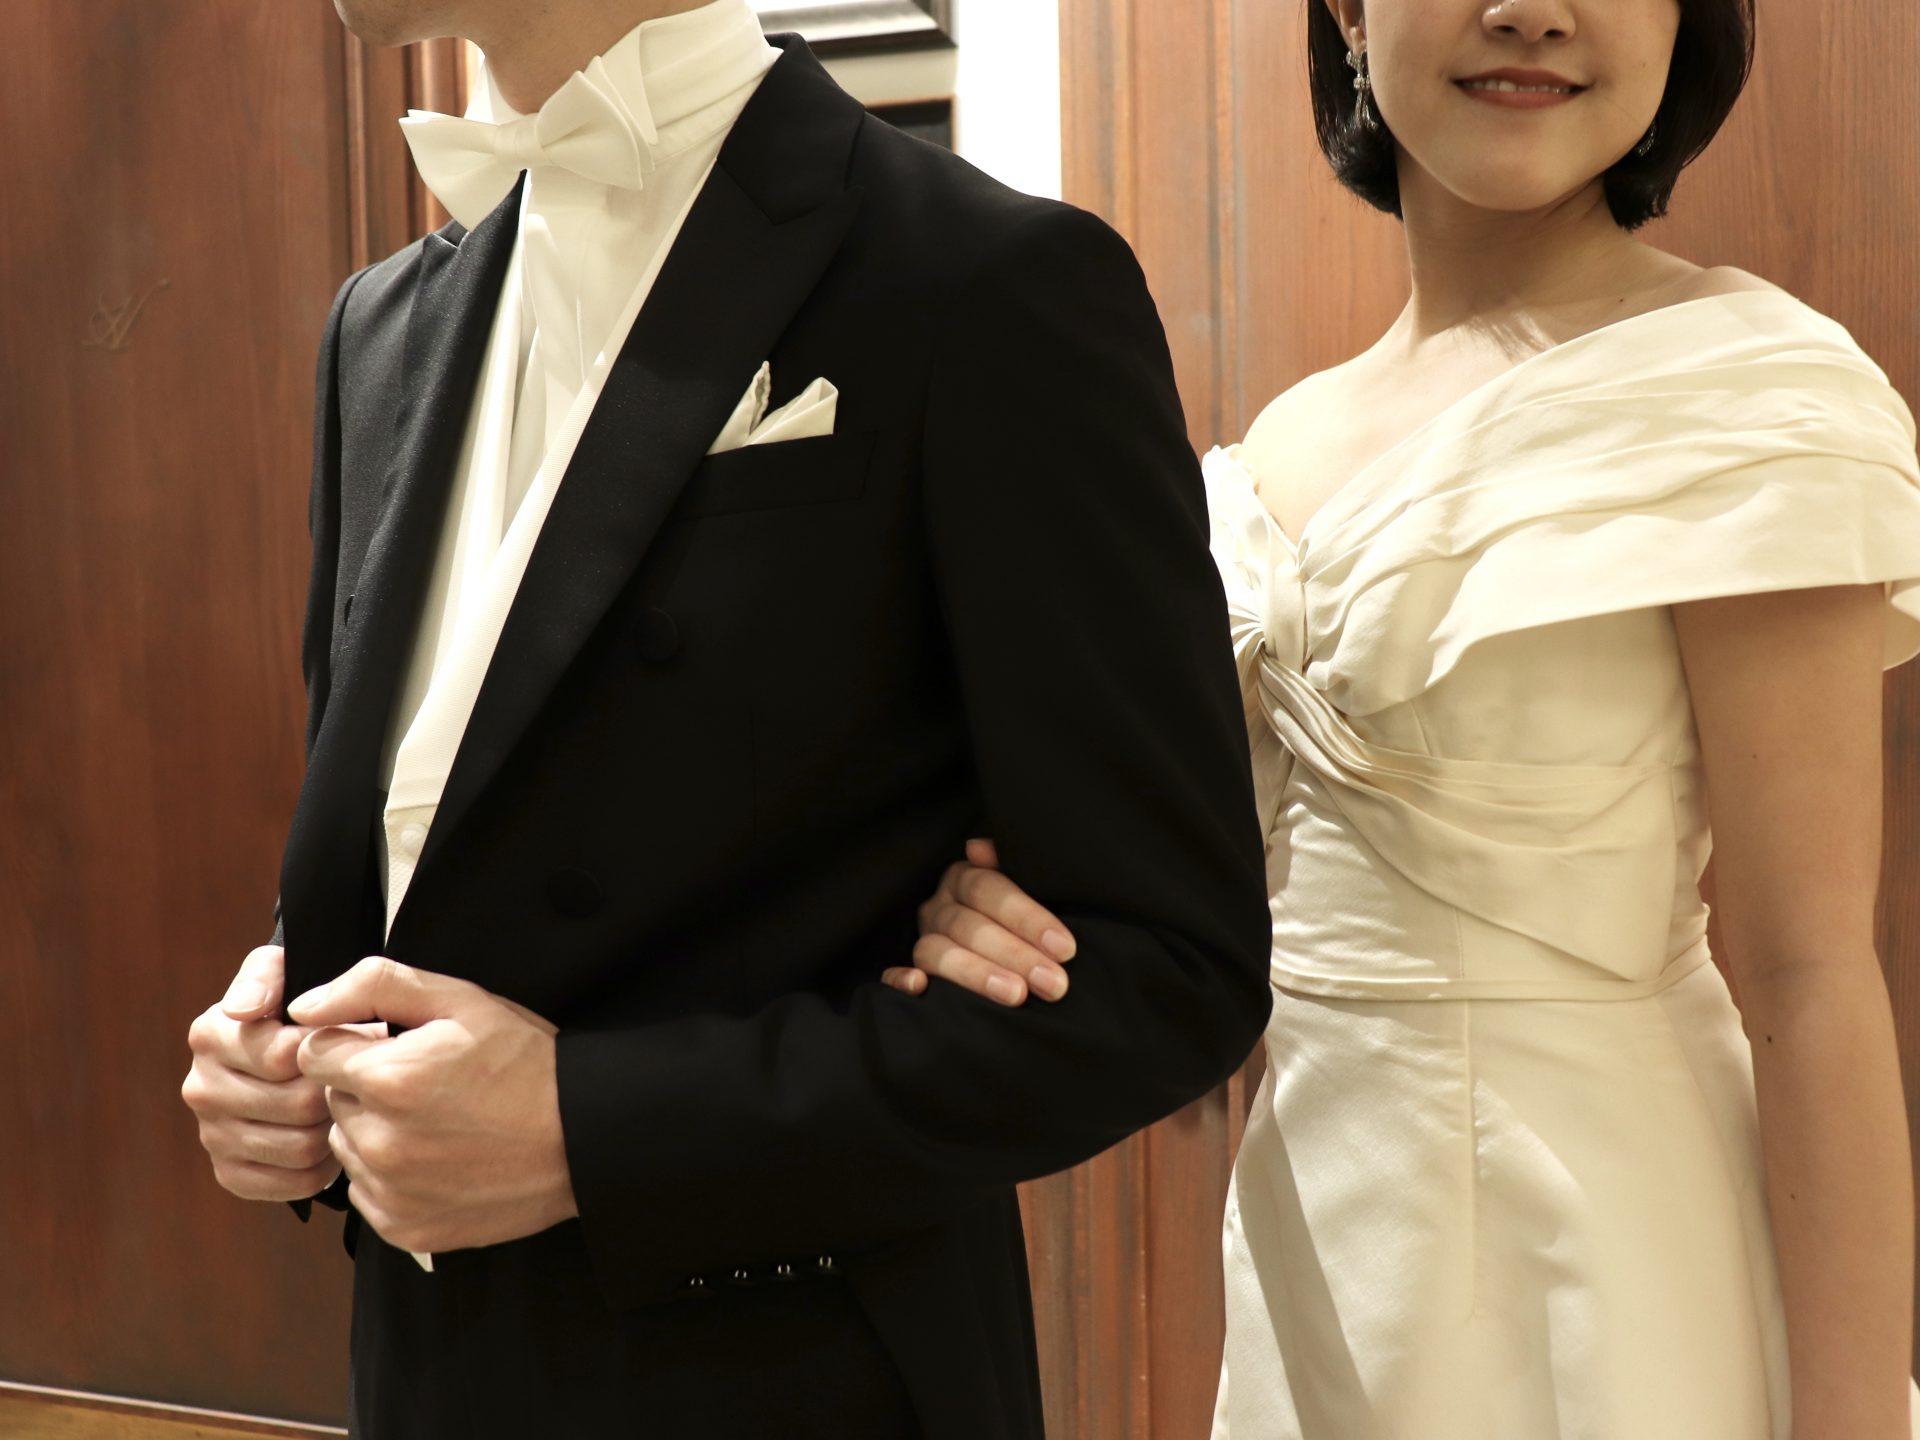 ・格式高いスタイルがお好きな方におすすめしたいフォーマルスタイルの燕尾服